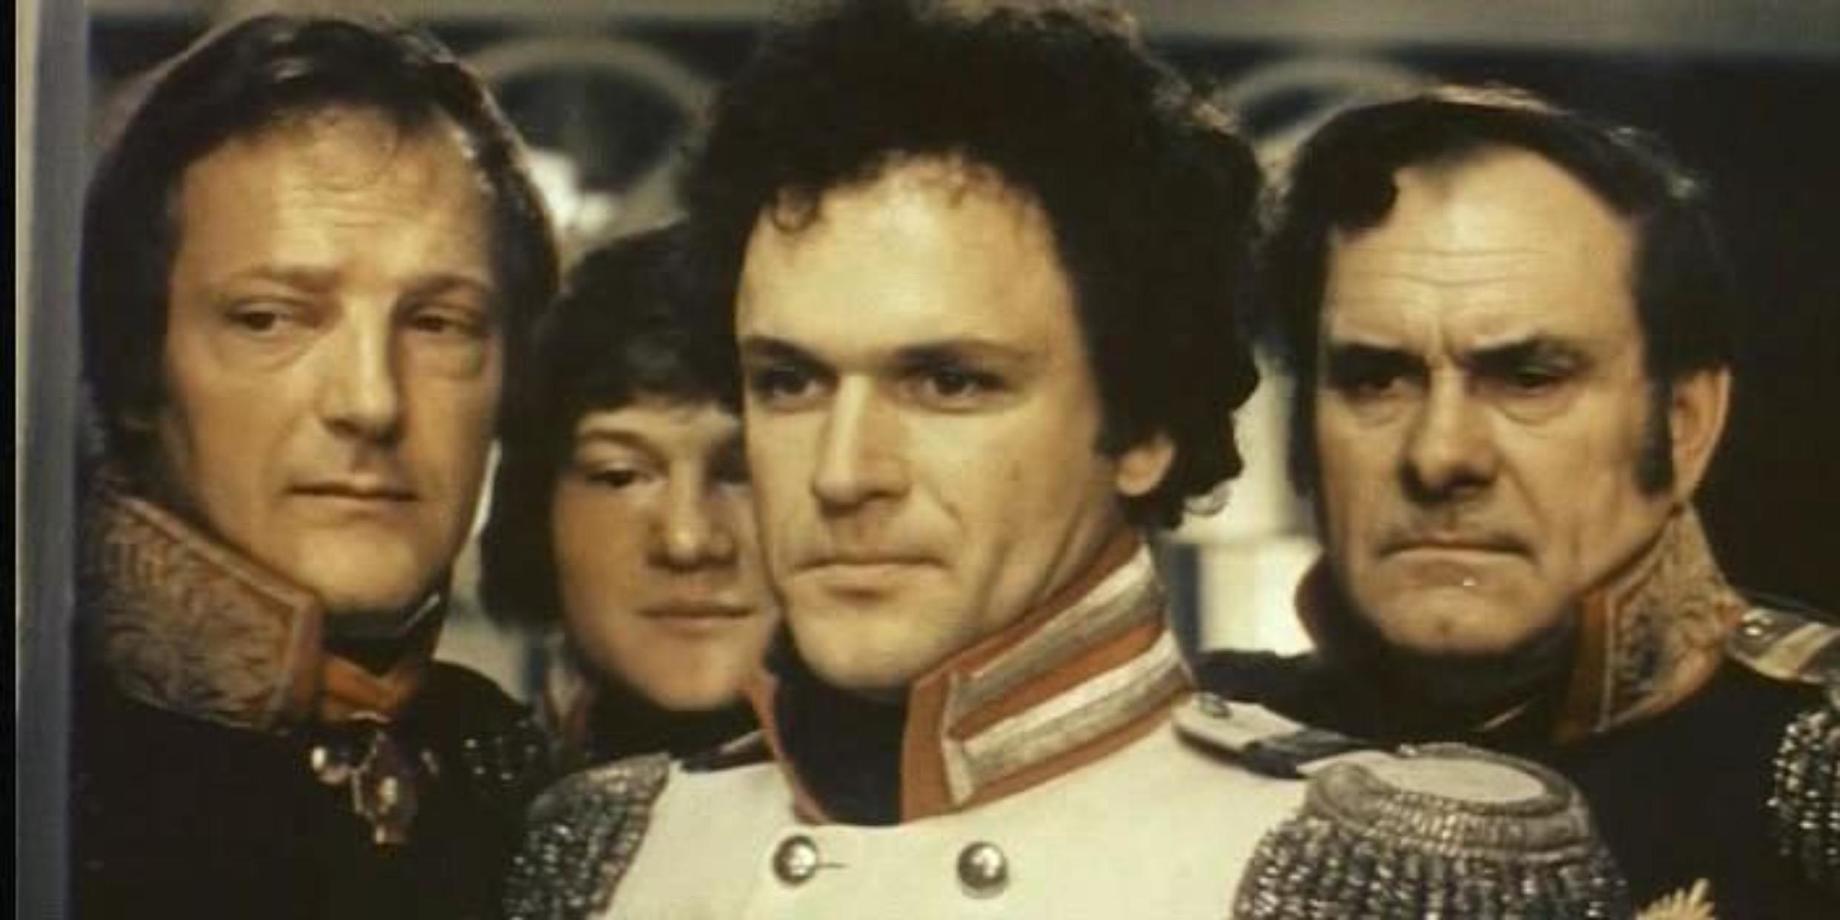 «Эскадрон гусар летучих», военно-исторический приключенческий фильм (1980 г., реж. Станислав Ростоцкий, Никита Хубов)